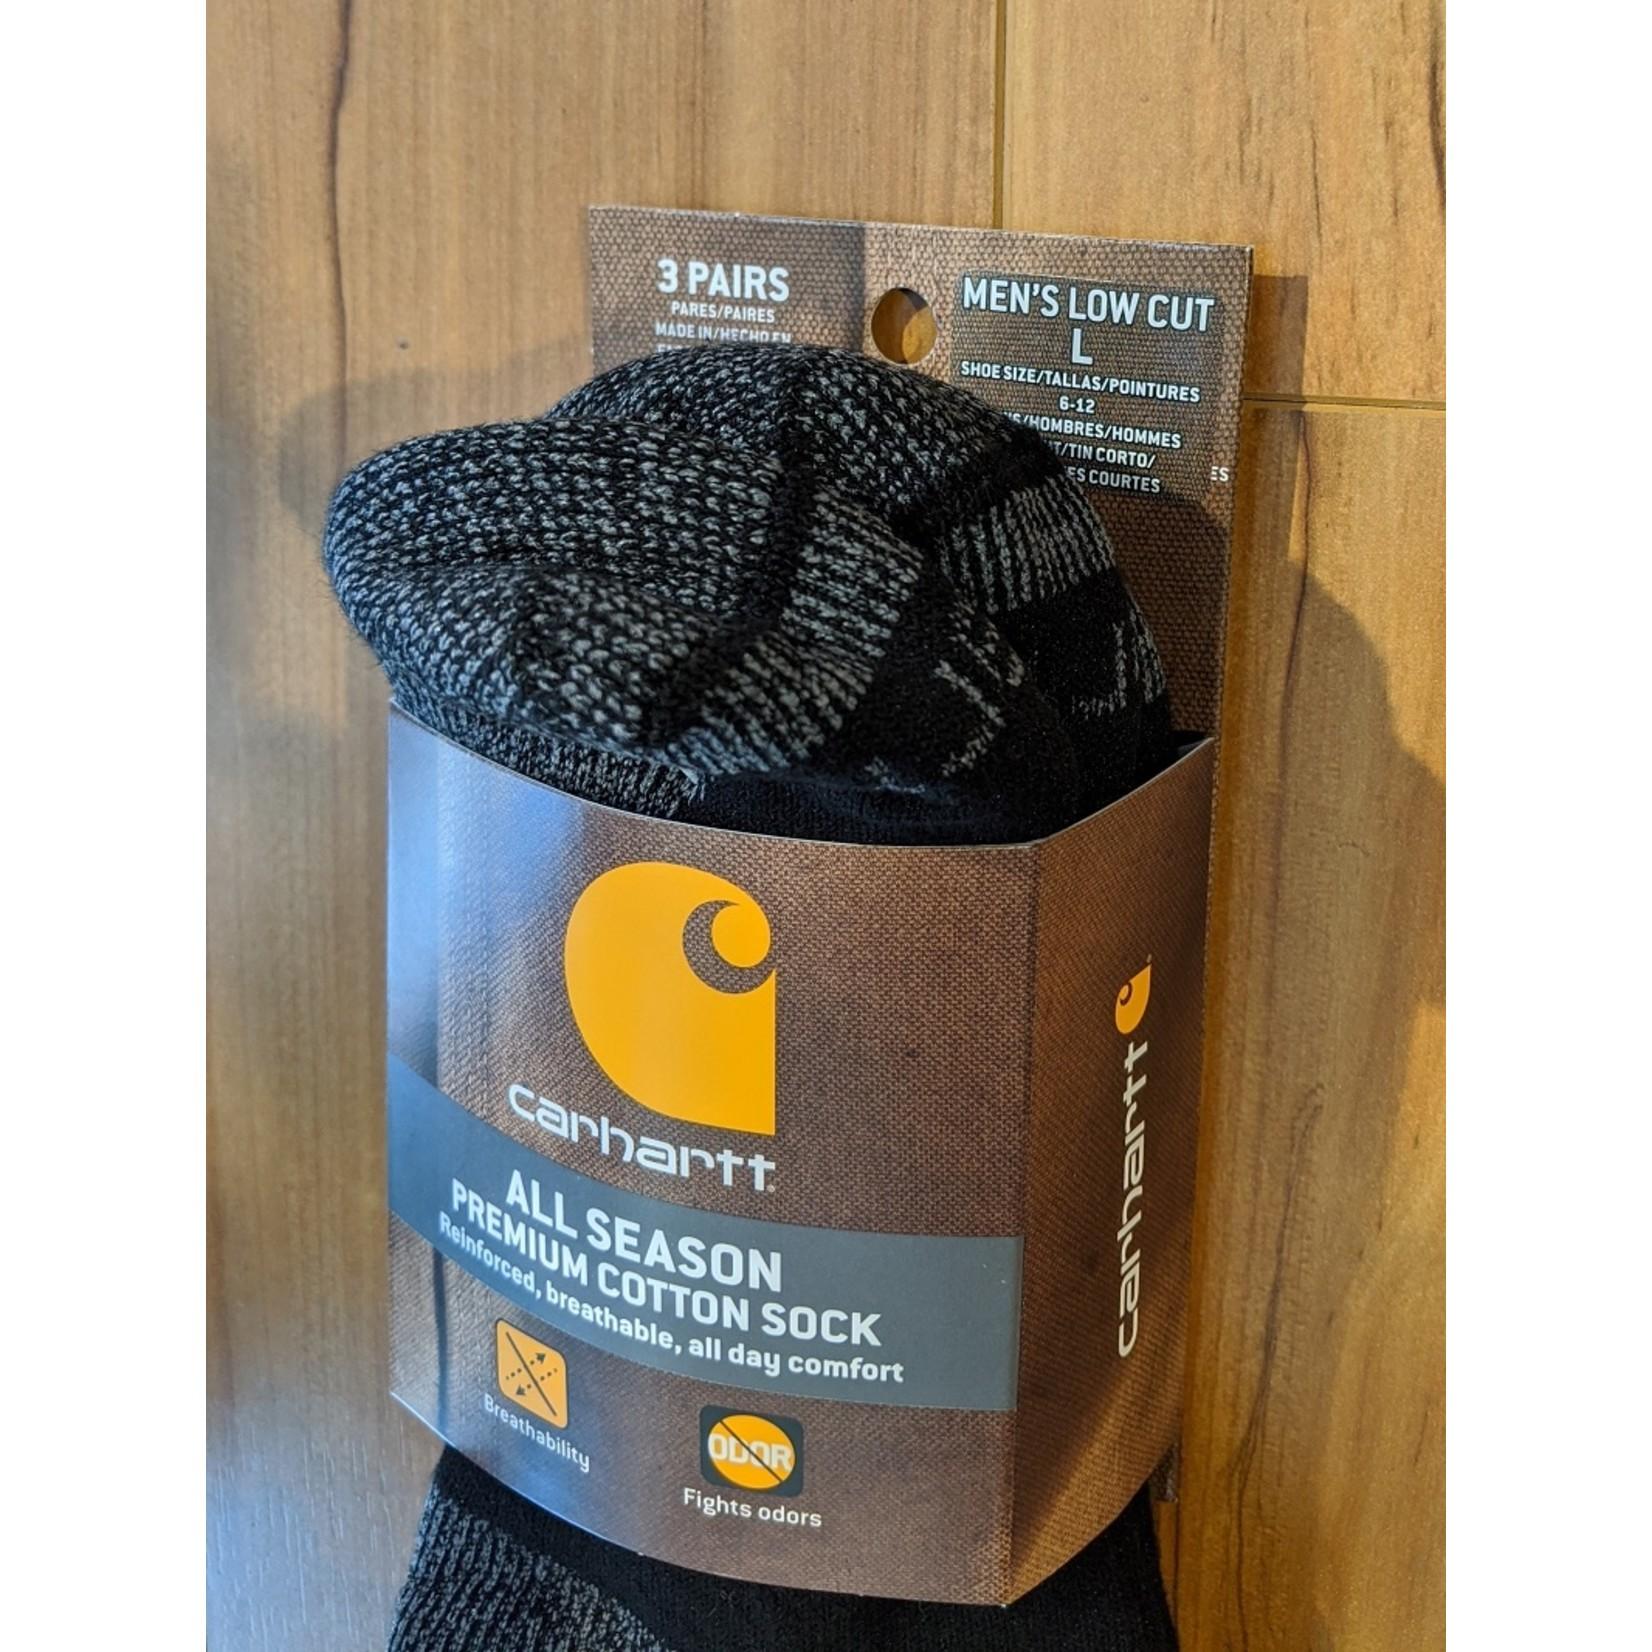 Carhartt Carhartt Low Cut Work Sock - 3 pack